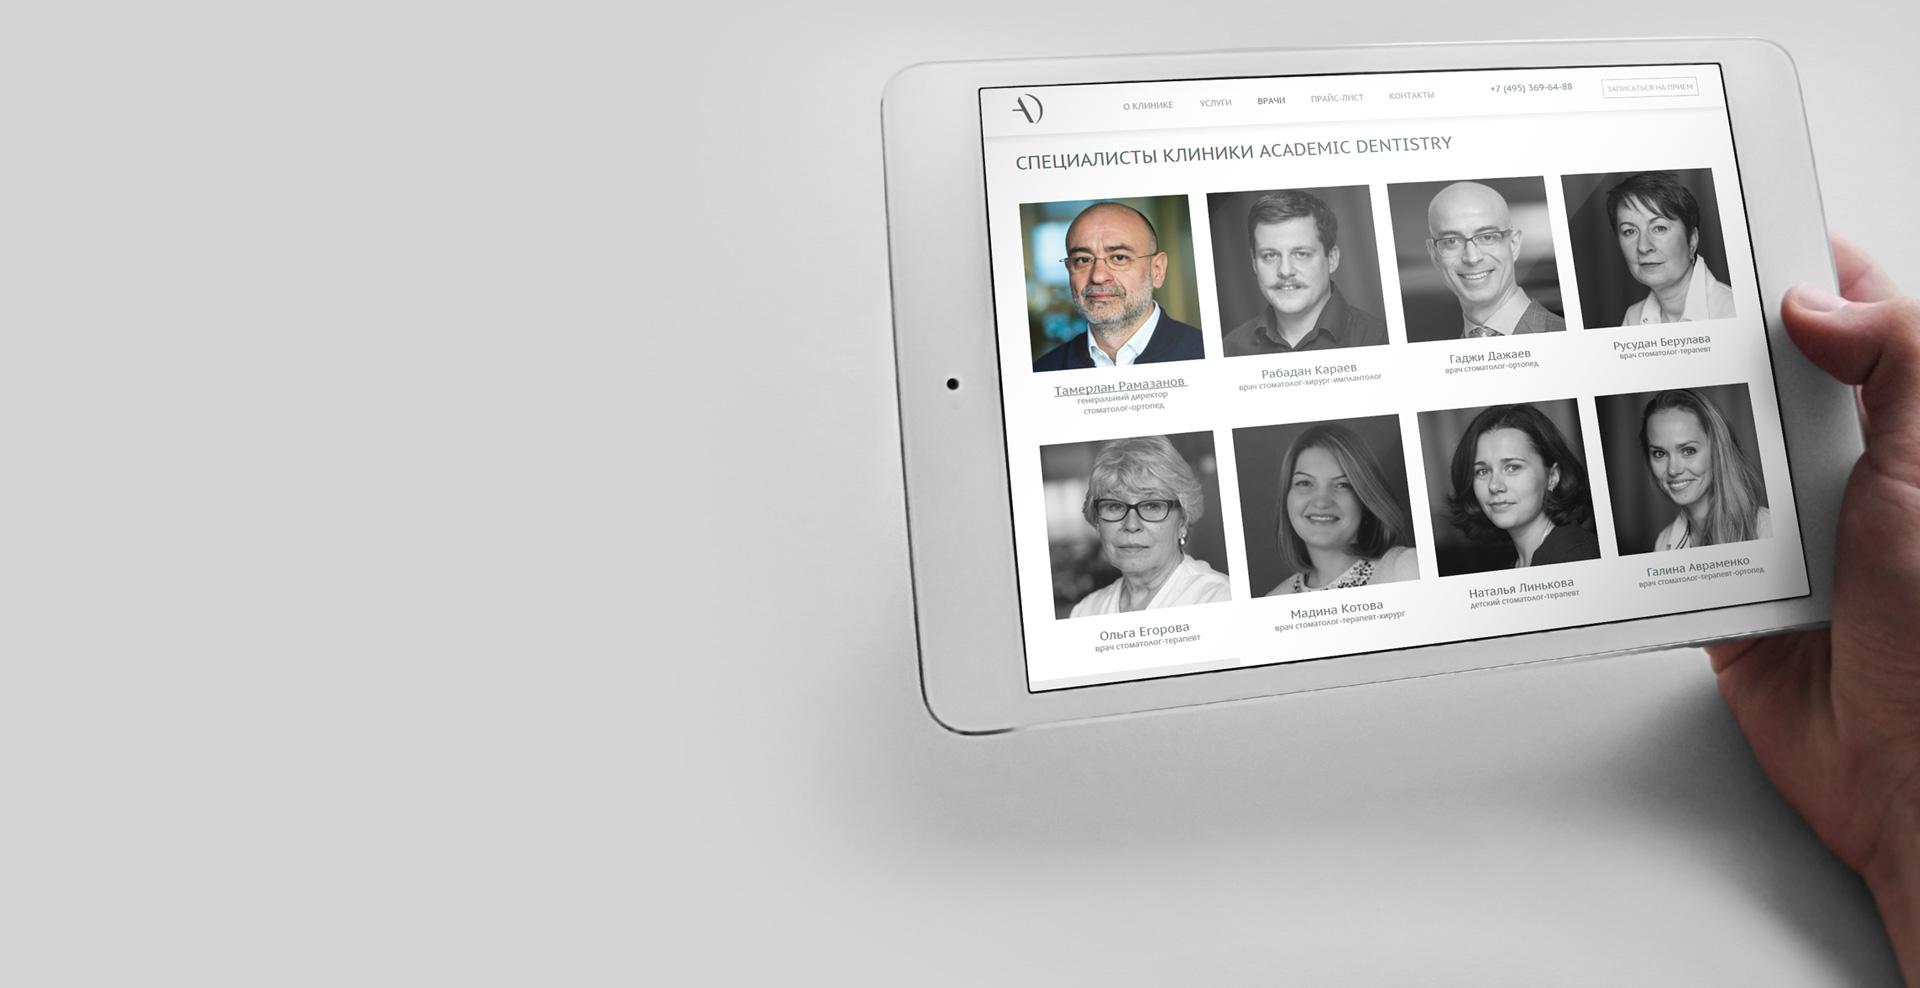 Адаптивный-дизайн-сайта-элитной-стоматологии